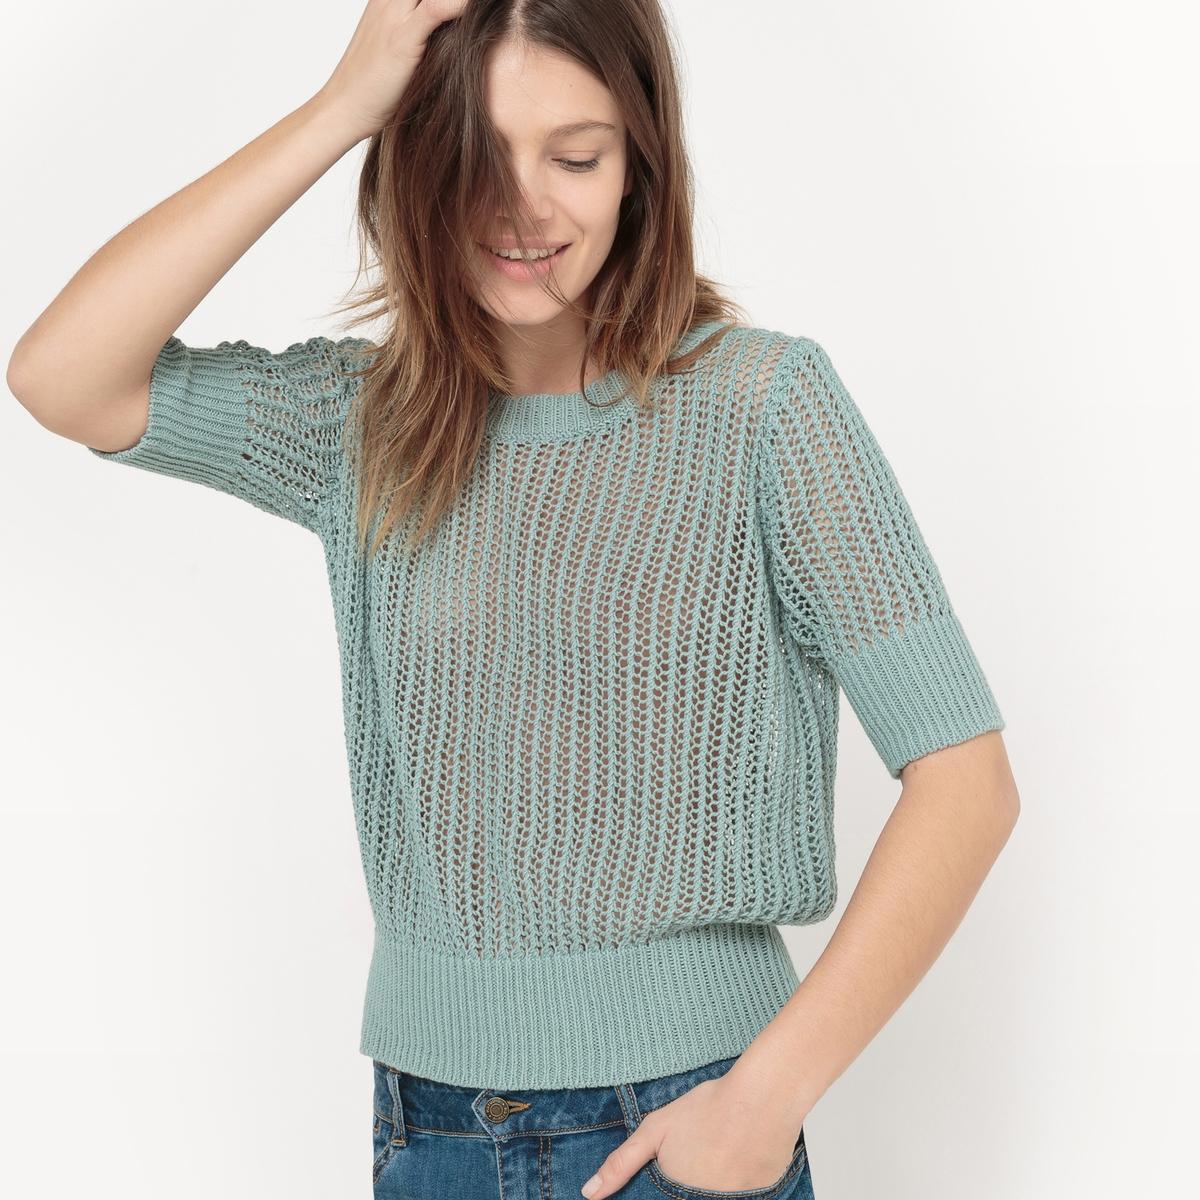 Пуловер из ажурного трикотажа с круглым вырезом  пуловер с круглым вырезом из хлопка и льна